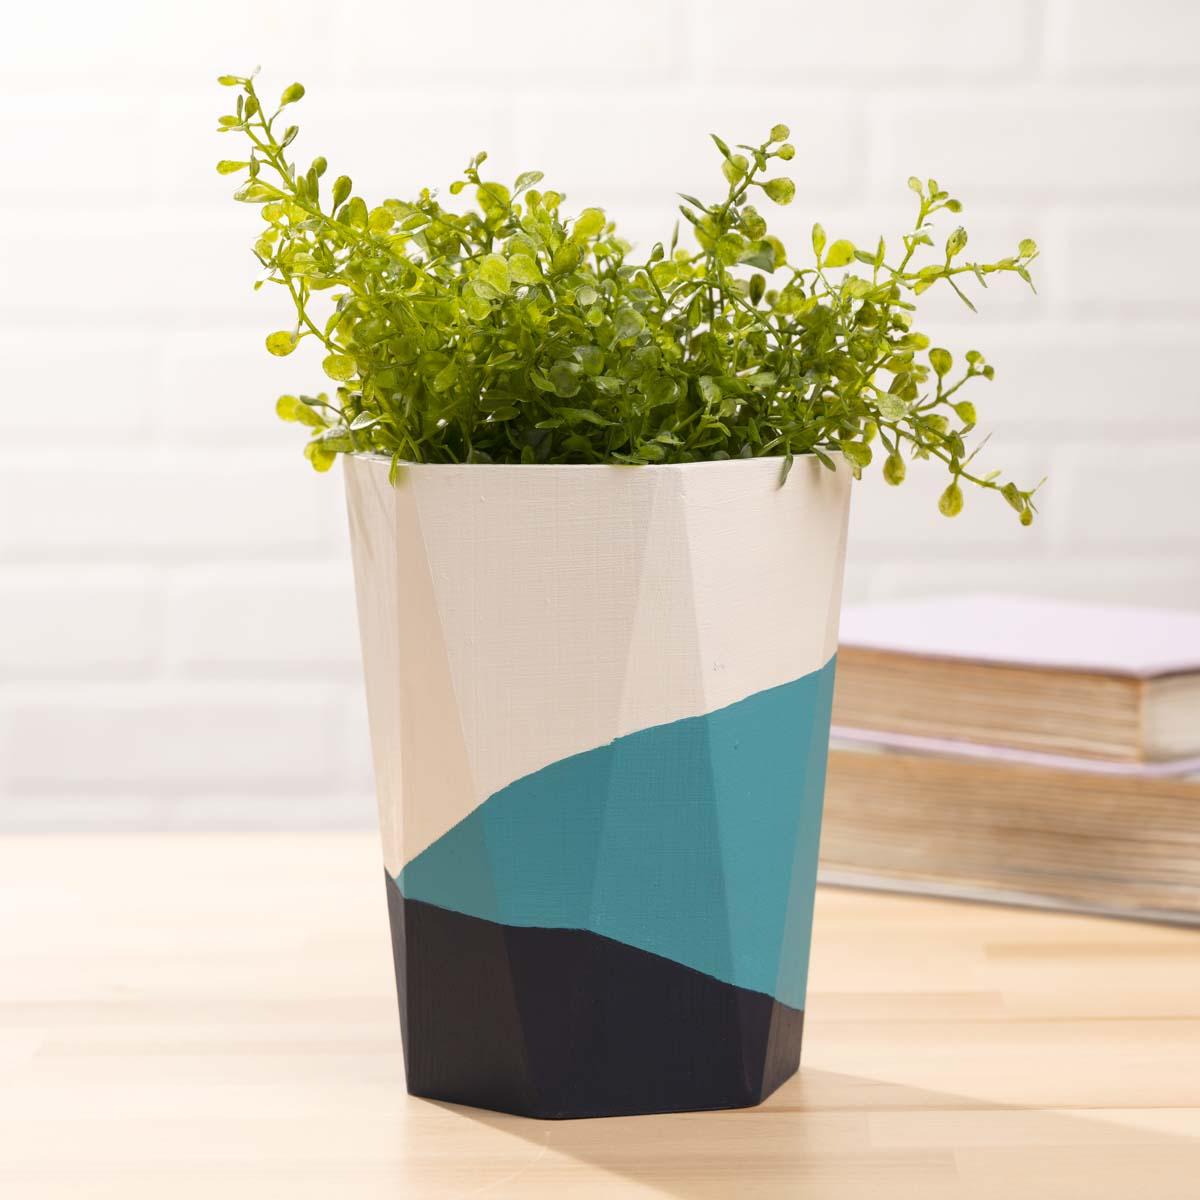 Plaid ® Wood Surfaces - Wood Vase - 56713